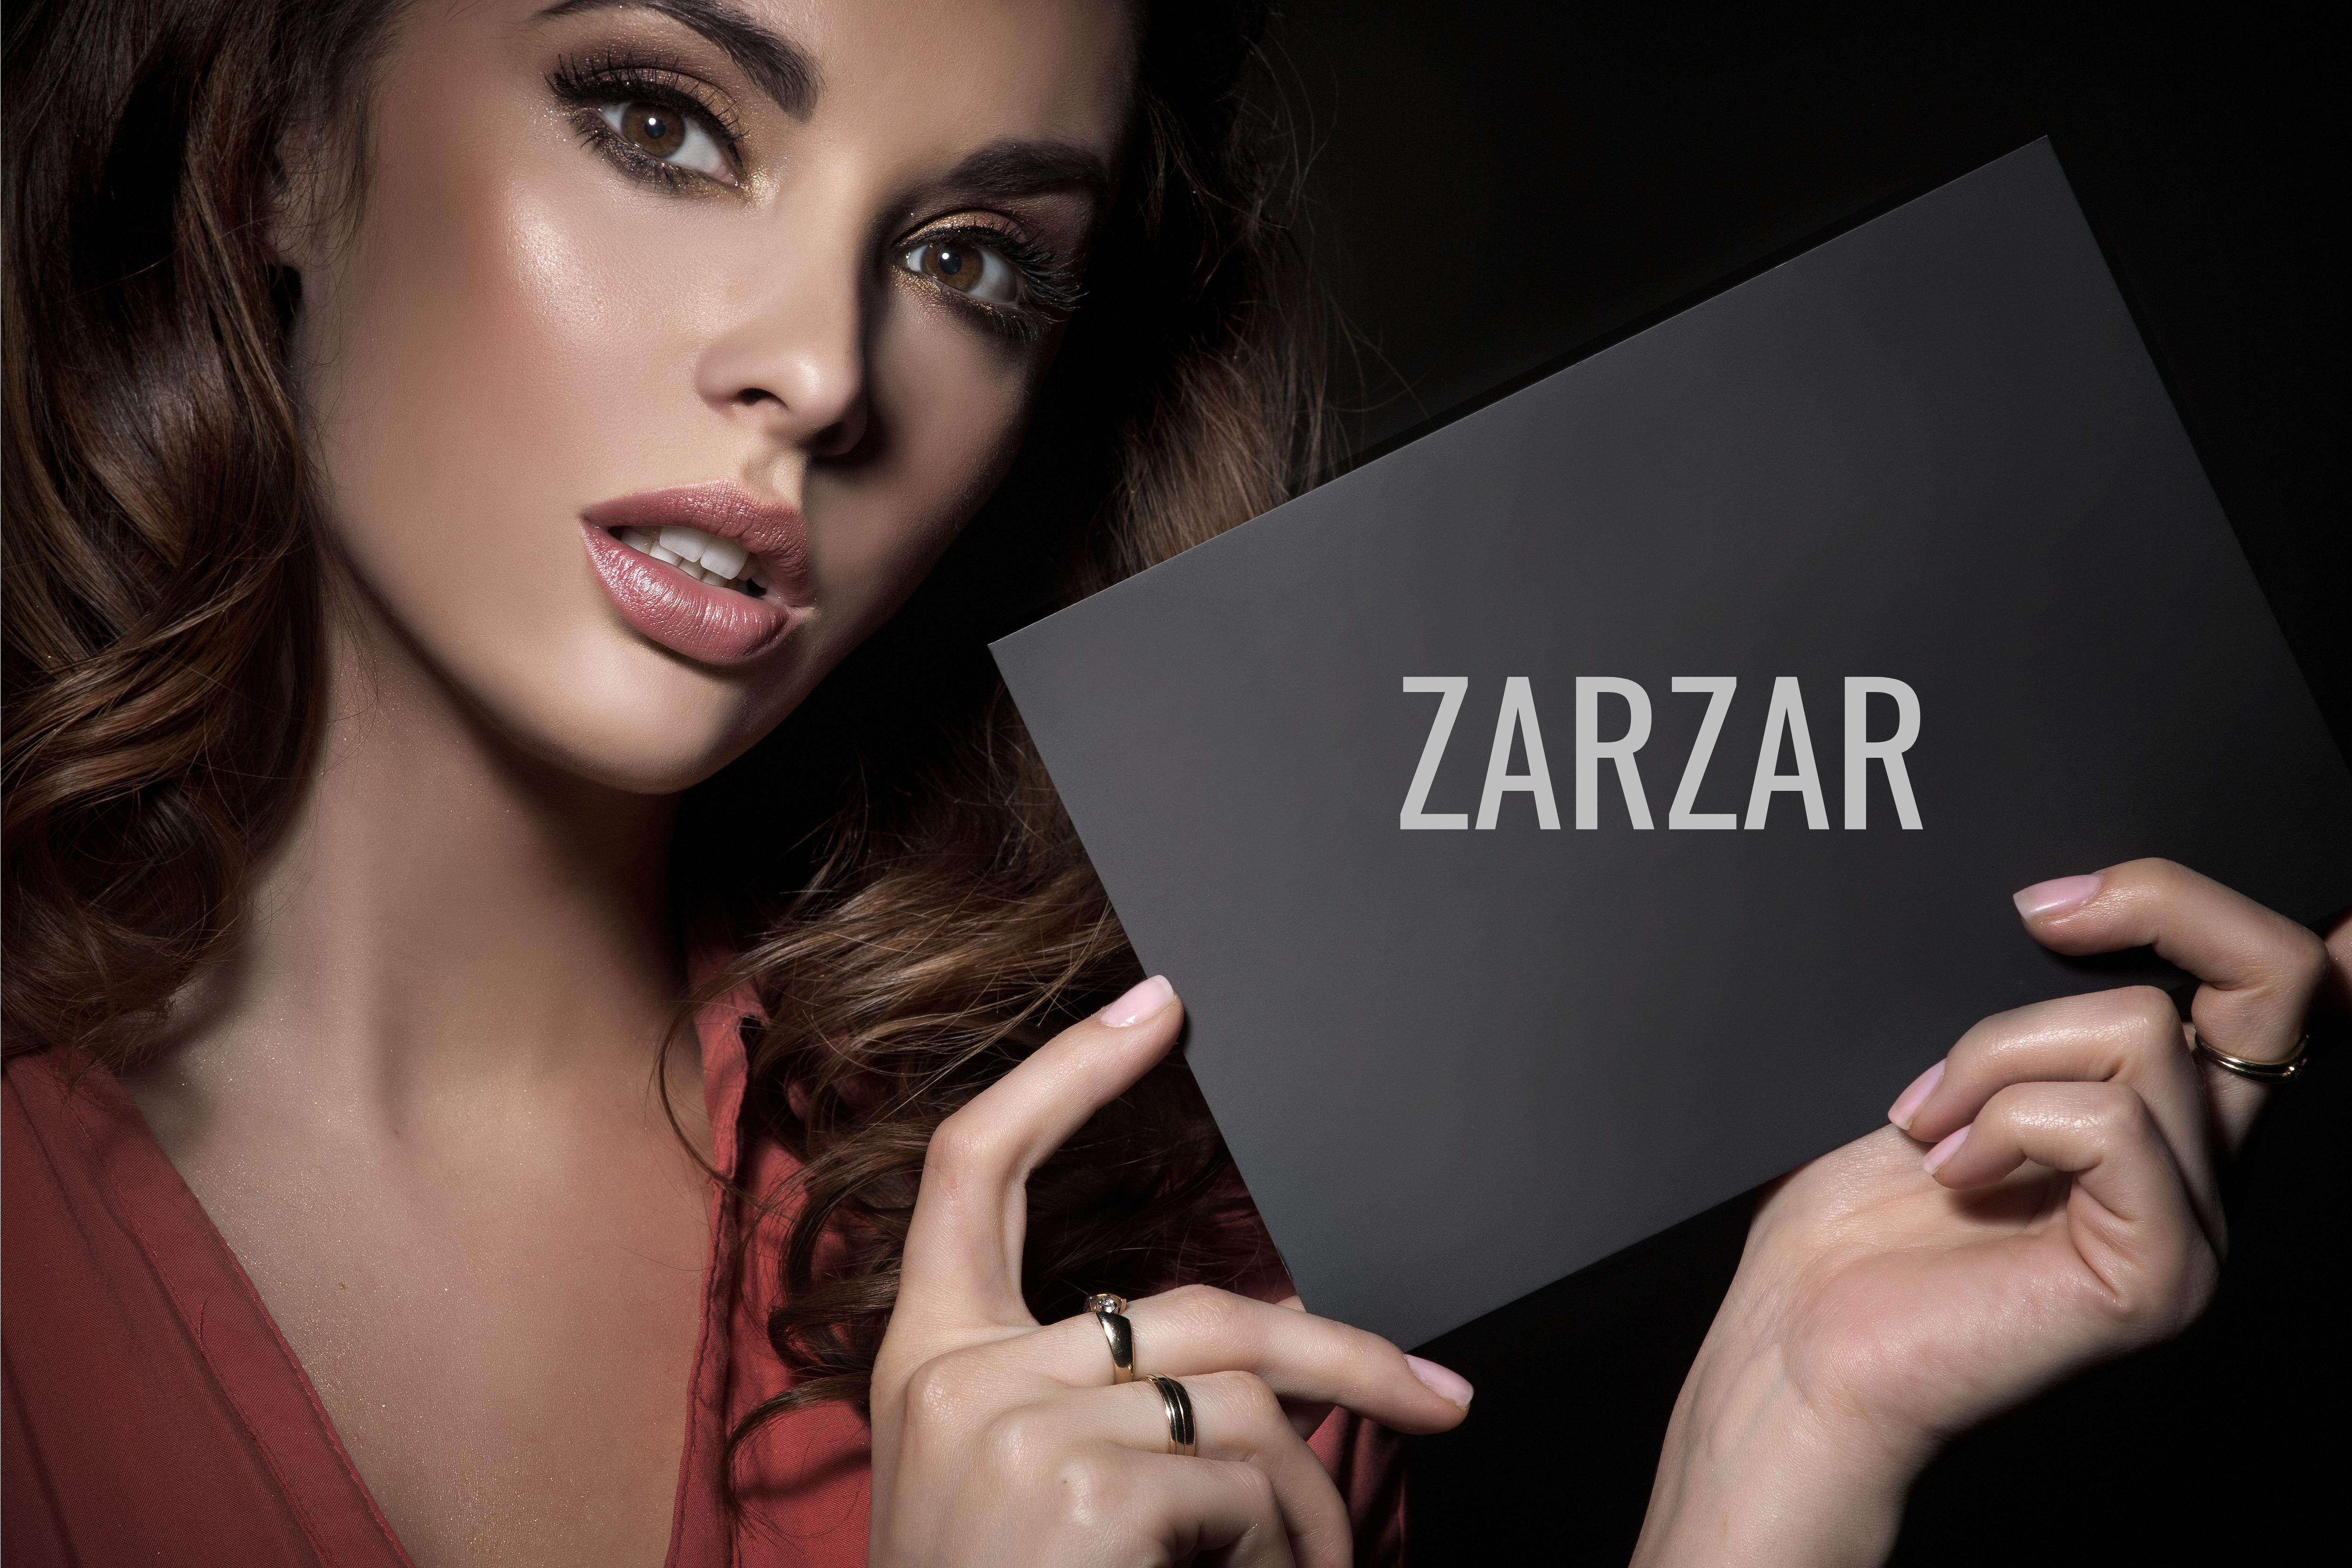 Beautiful ZARZAR FASHION Makeup For Women. Beautiful Makeup For Supermodels & Fashion Models.